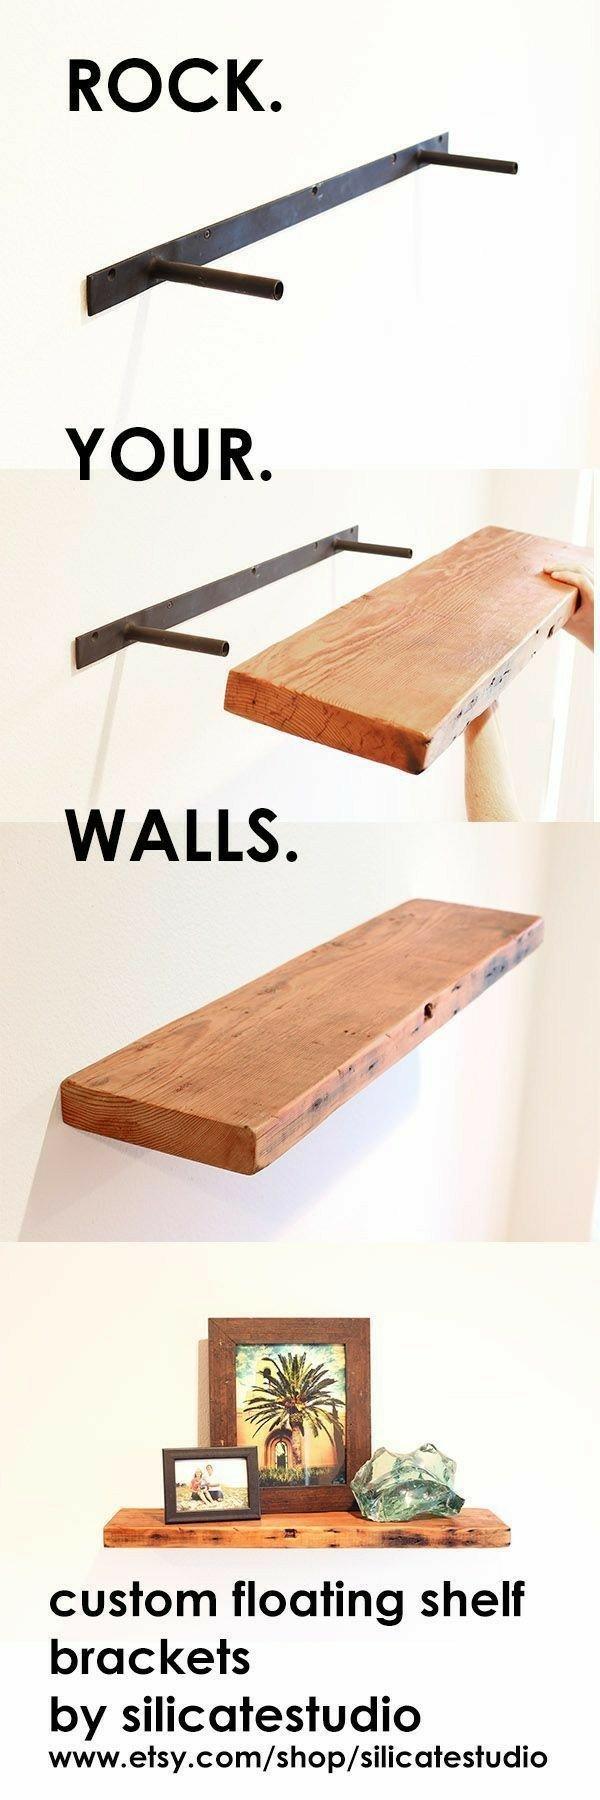 دکوراسیون چوبی دیواری